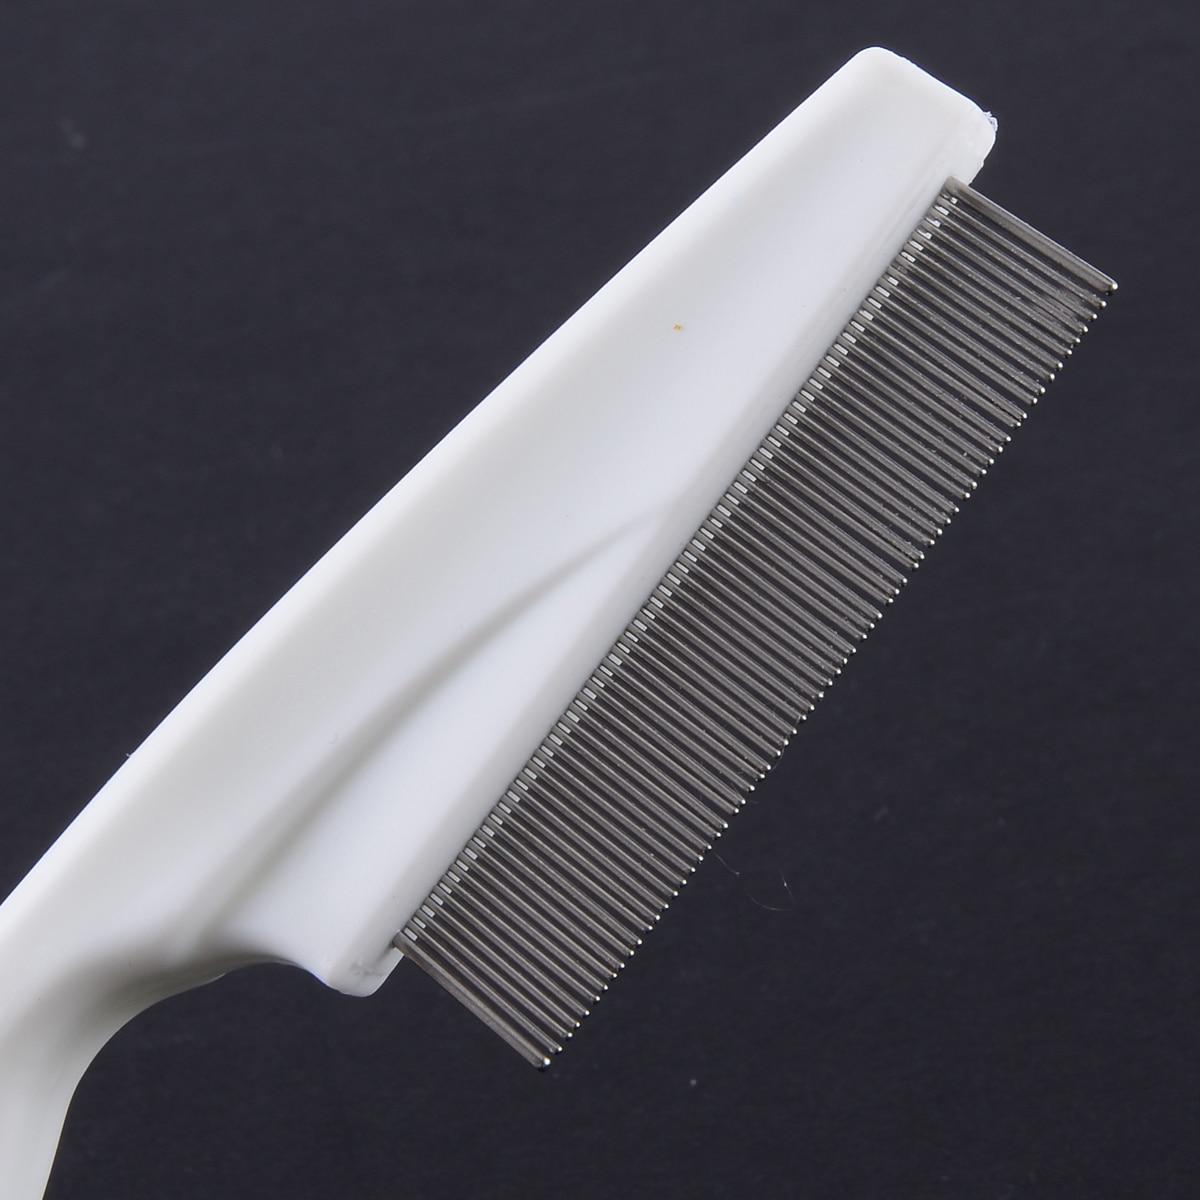 Metal Nit Head Hair Lice Darıxdırılmış İncə Dişli Flea Flee - Saç qayğı və üslubu - Fotoqrafiya 5